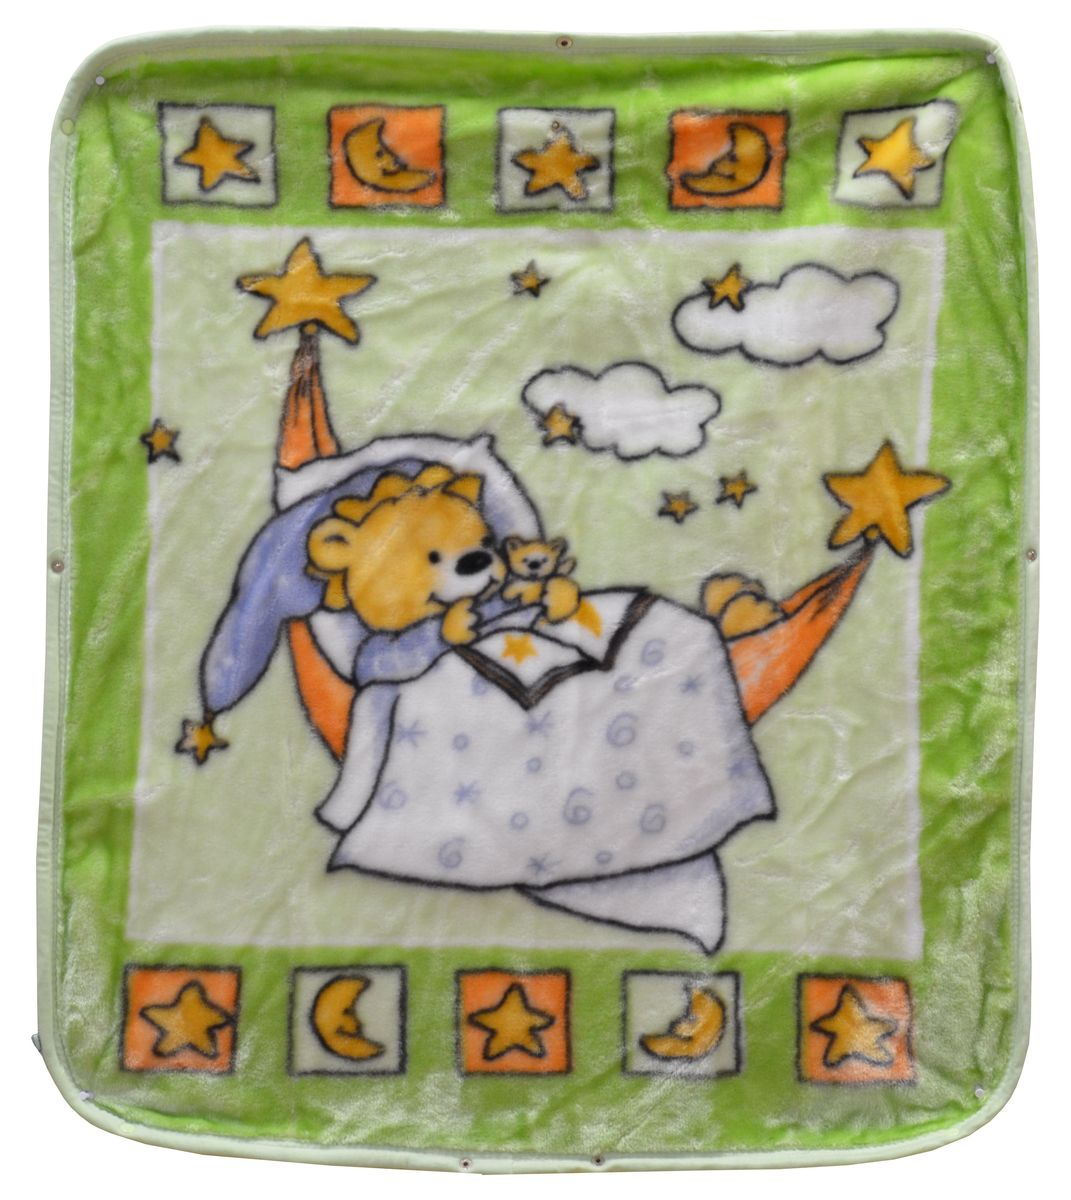 Bonne Fee Плед-накидка для младенцев на молнии 3, 80 х 90 см, цвет: зеленыйК 03481_бежевыйПлед-накидка для младенцев на молнии Bonne Fee - защита, тепло и комфорт для малышей - использован надёжный, качественный и мягкий материал! Удобство и спокойствие для родителей обеспечивается универсальностью пледа-накидки, конструкция которого позволяет ему легко превращаться в конвертик. Отличное качество и практичность! Любите своего ребёнка и дарите ему лучшее!